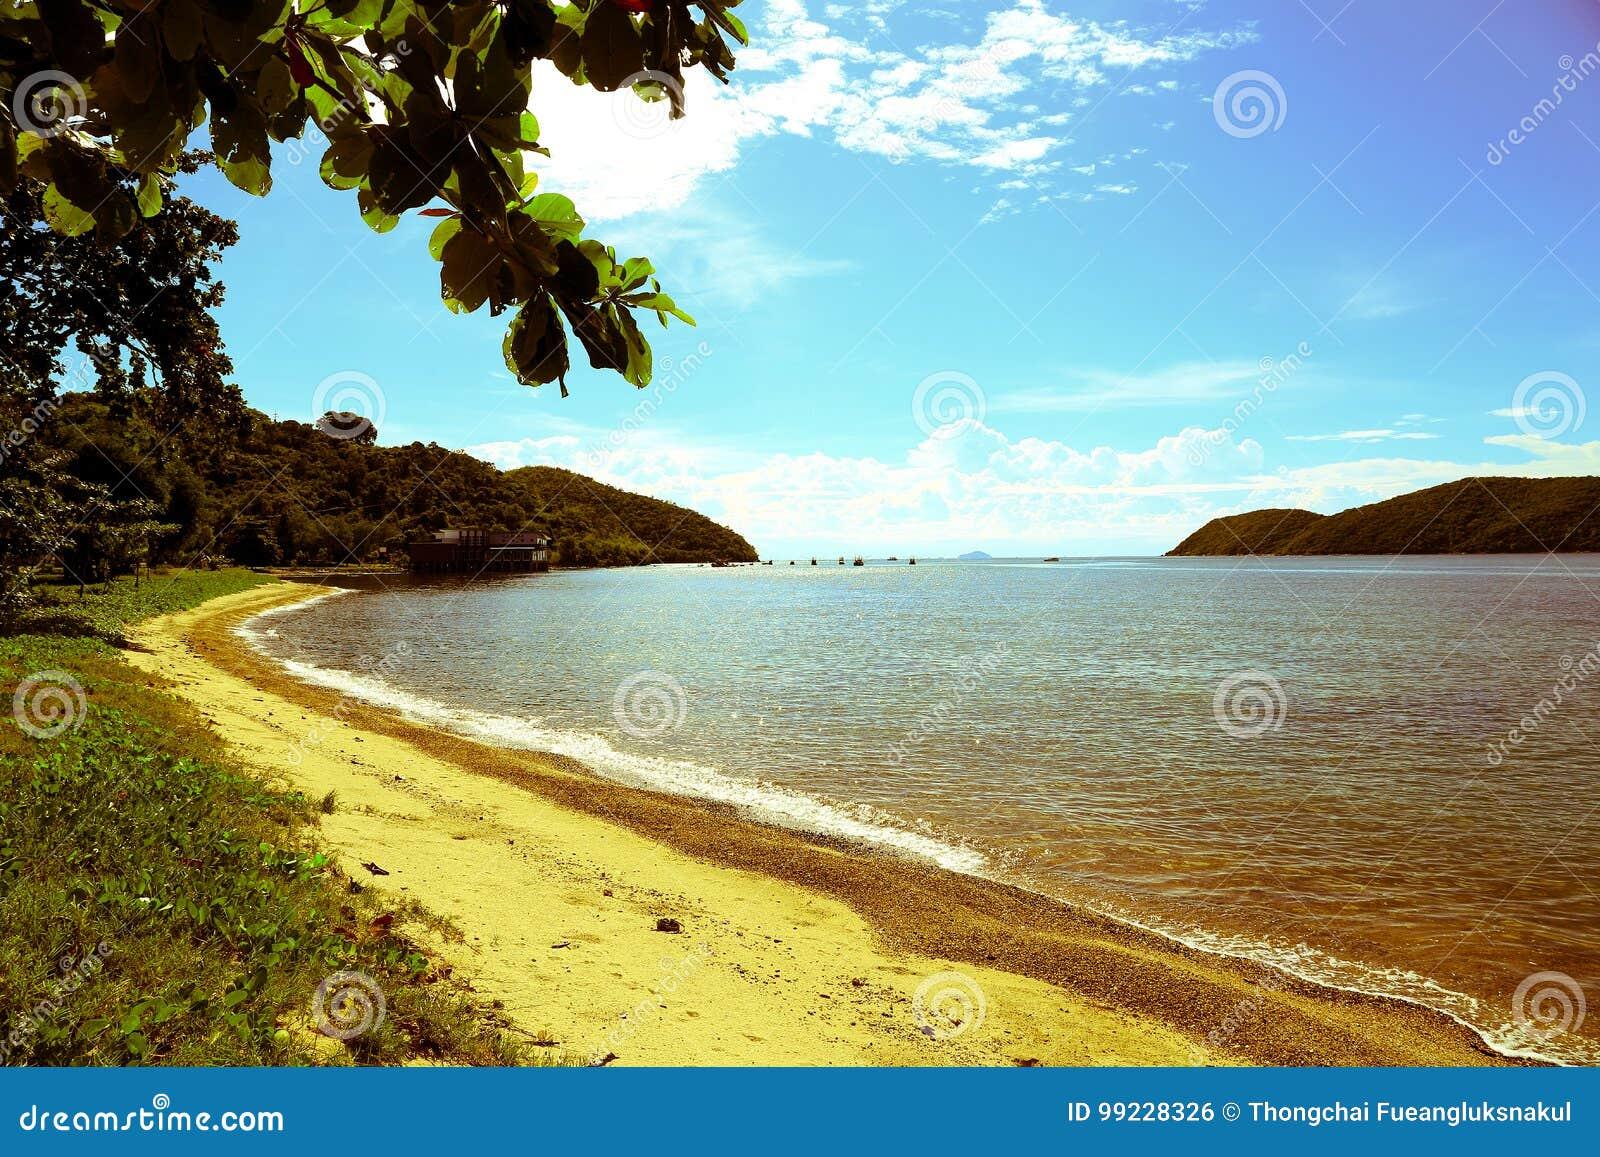 Denna plaża z niebieskim niebem, chmurą, drzewami i górami,